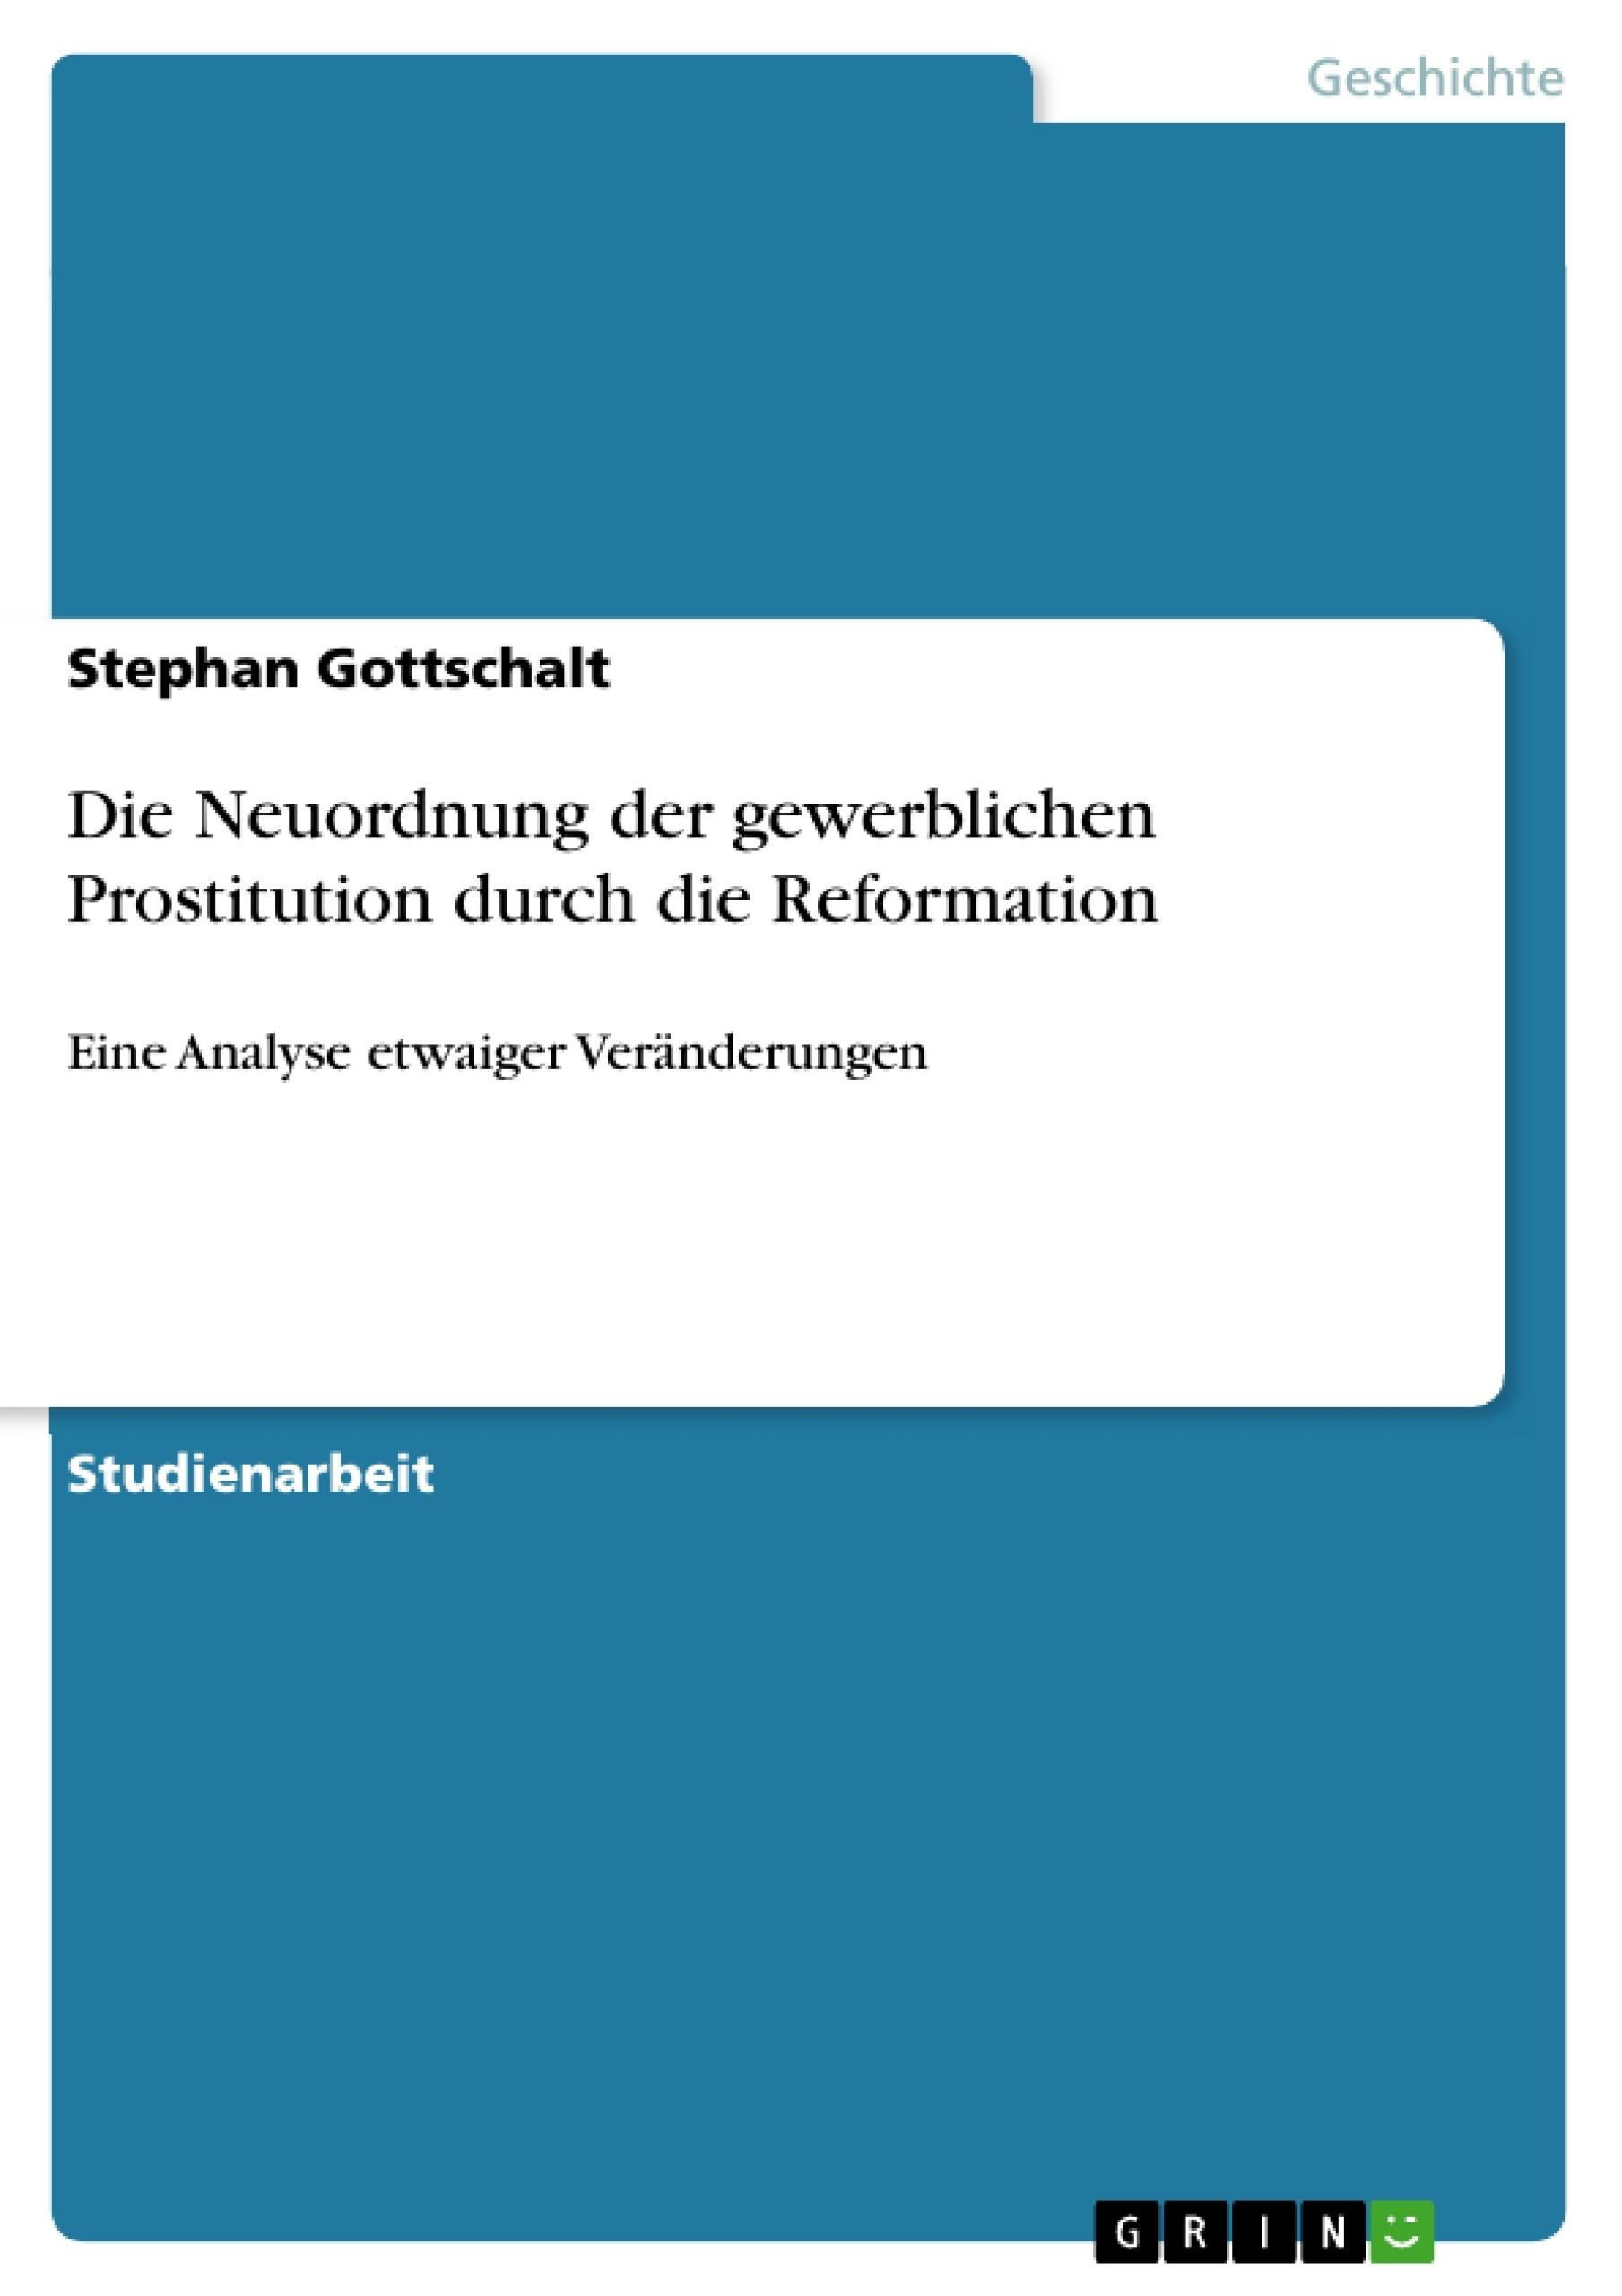 Titel: Die Neuordnung der gewerblichen Prostitution durch die Reformation